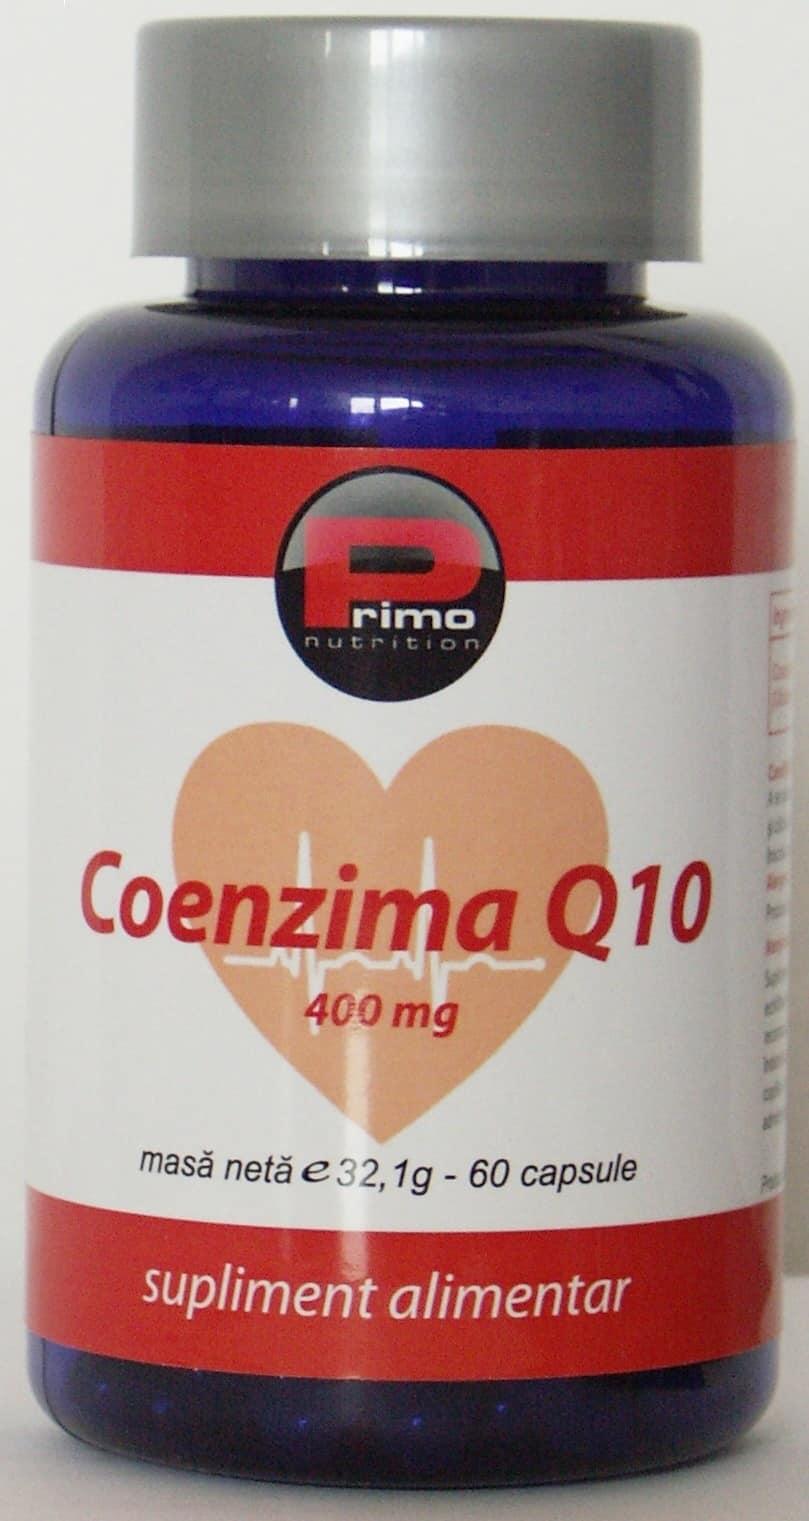 Coenzima Q10 in ulei de catina Forte, 40 capsule (Tulburari premenstruale si menopauza) - menopauza.bucovinart.ro